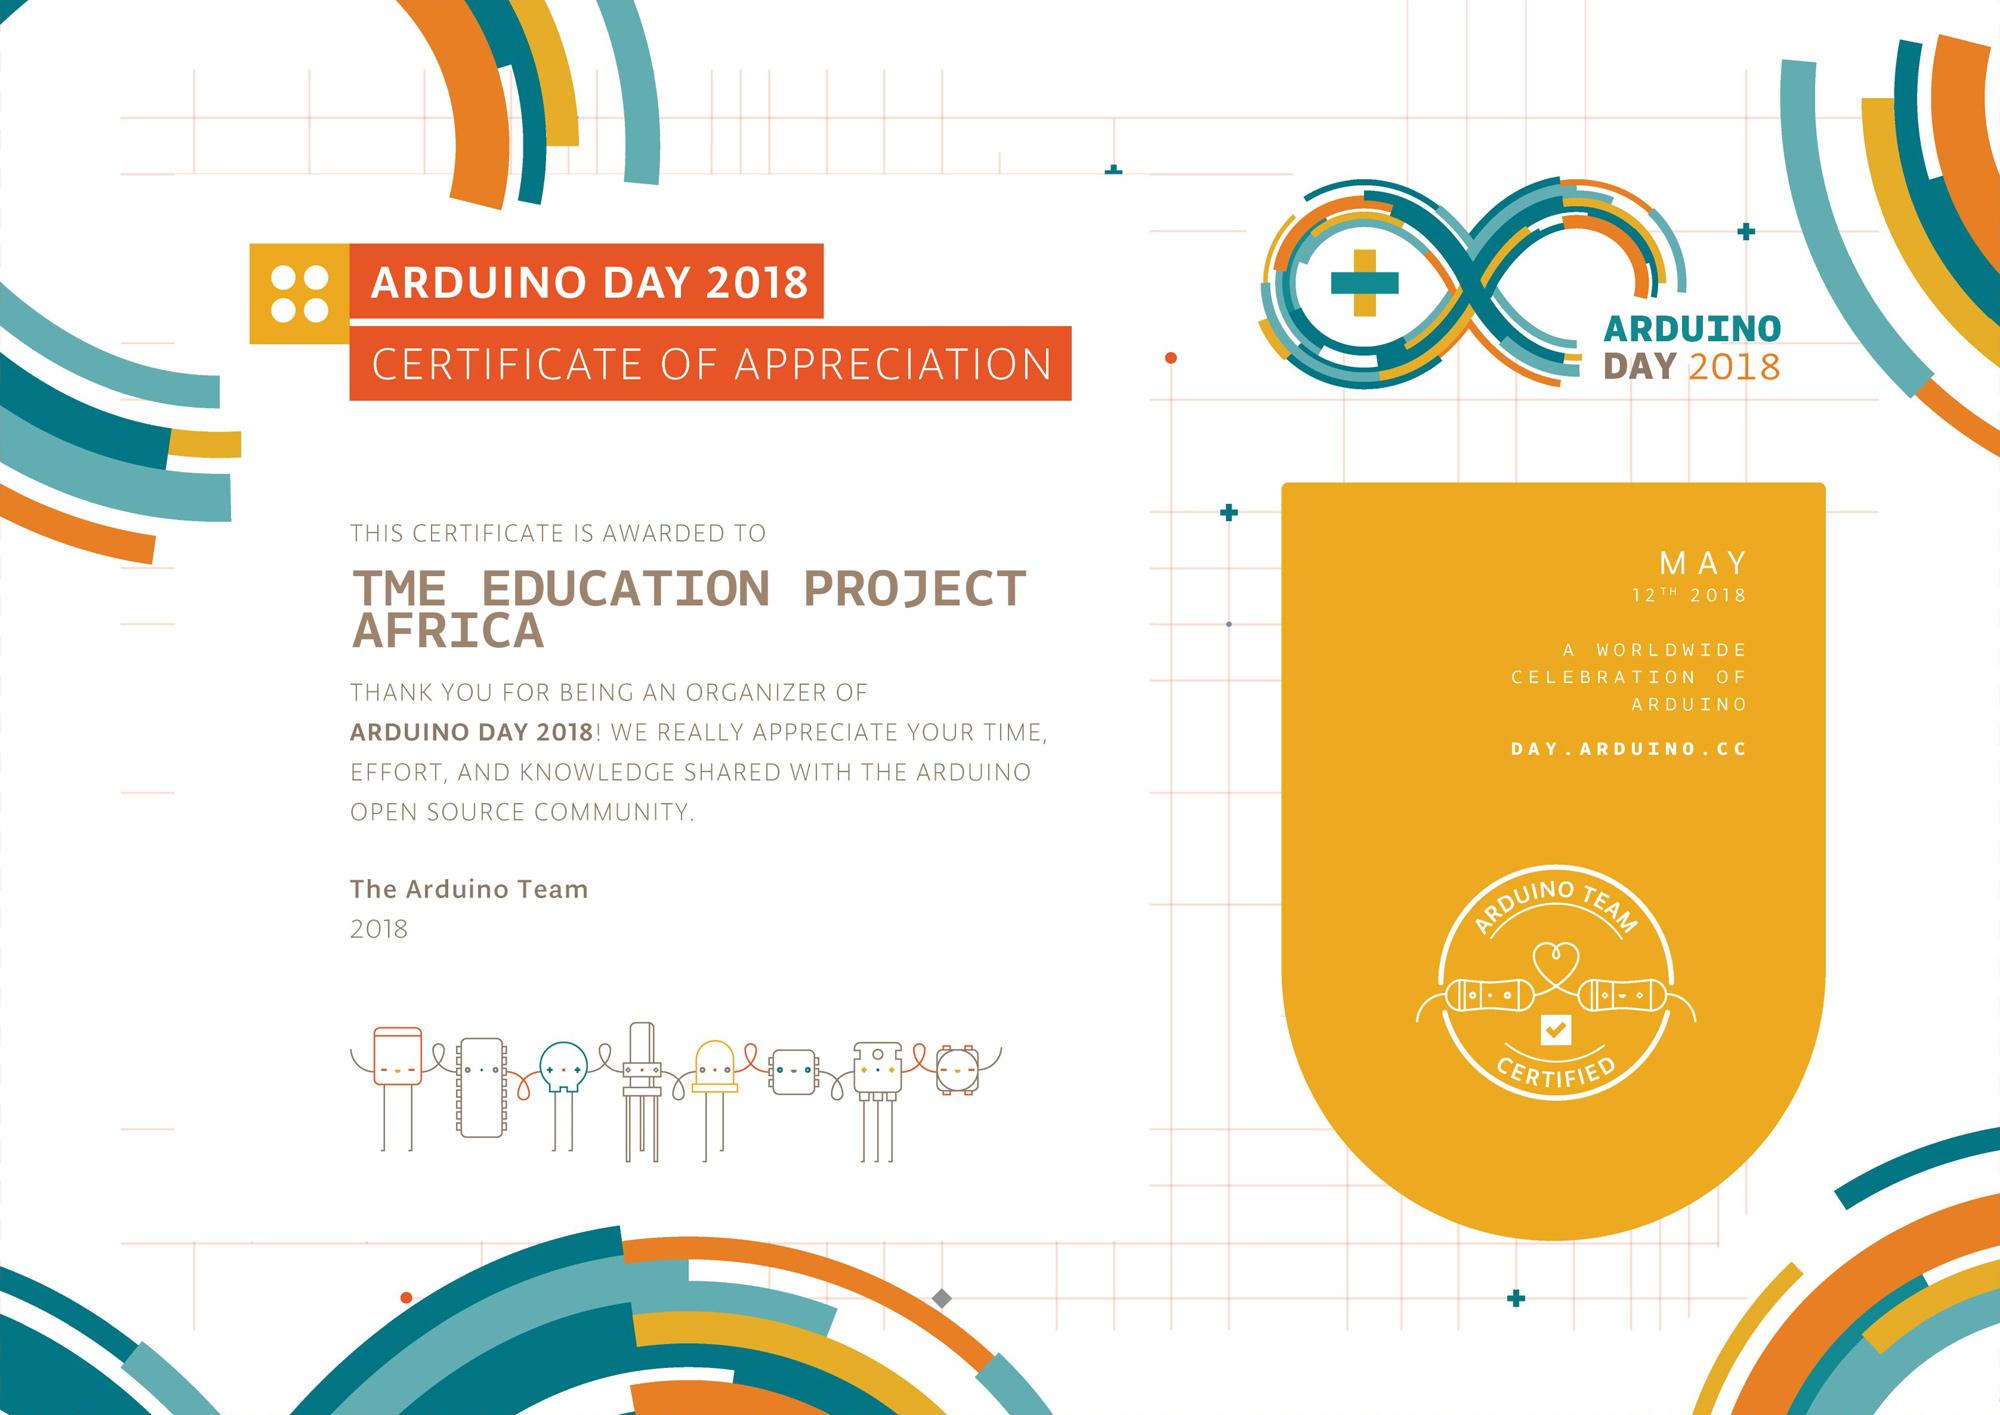 Arduino Day 2018 celebrations in Uganda!